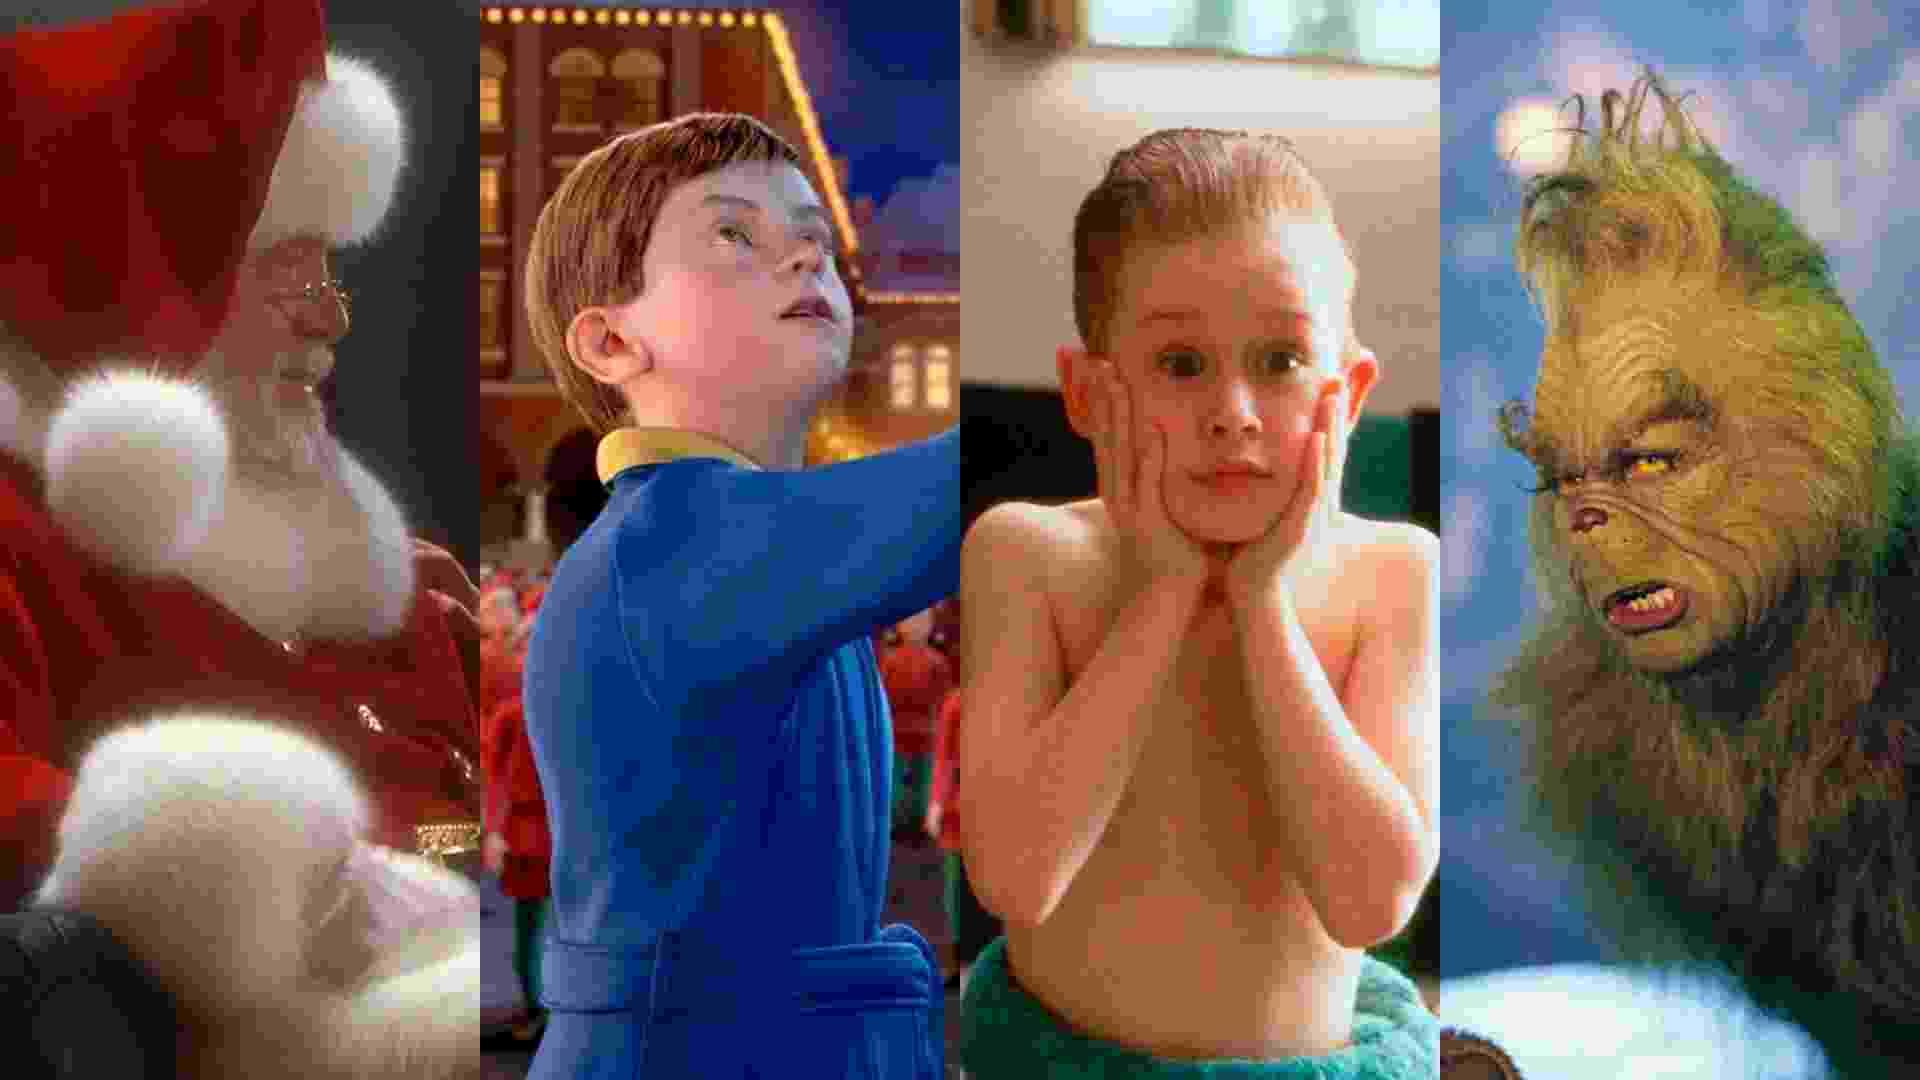 """Cena dos filmes """"Milagre na Rua 34"""" (1994), de Les Mayfield, """"O Expresso Polar"""" (2004), de Robert Zemeckis, """"Esqueceram de Mim"""" (1990), de Chris Columbus e """"O Grinch"""" (2000), de Ron Howard - Reprodução/Montagem"""